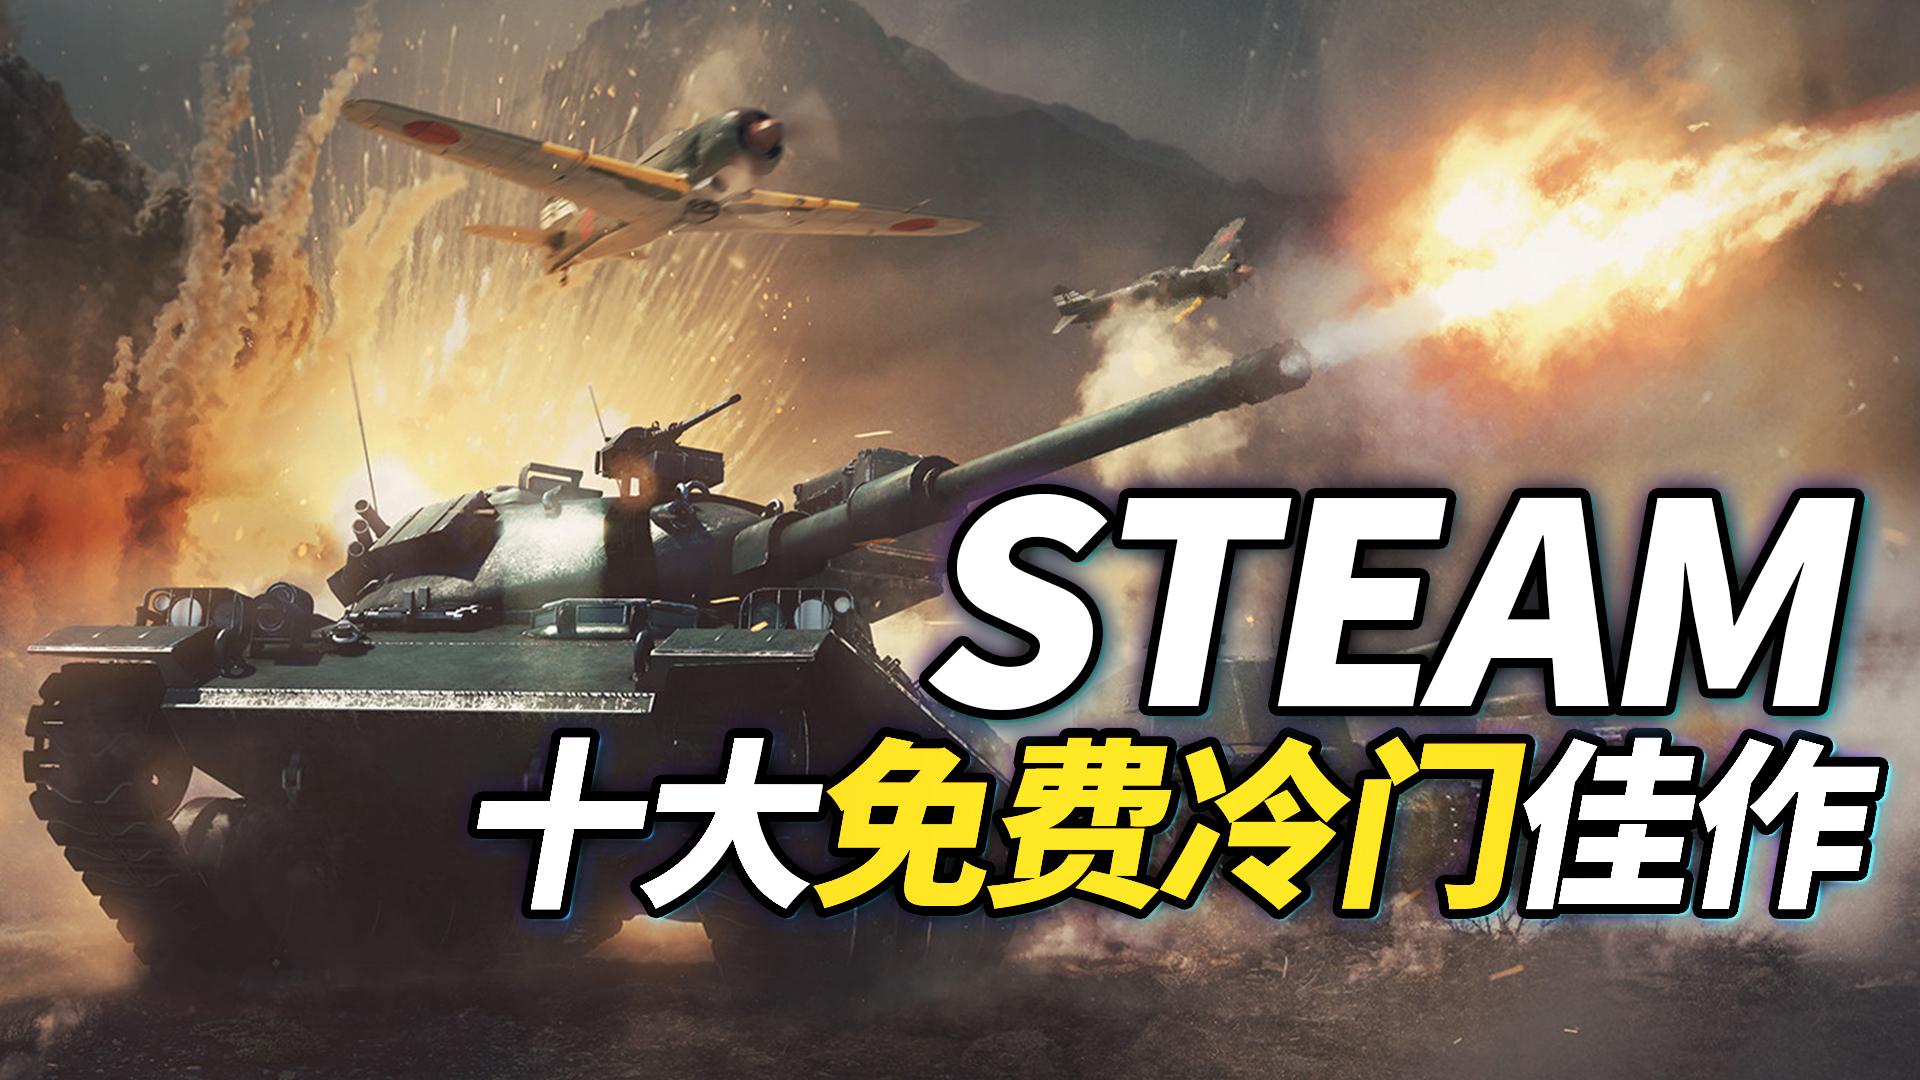 【免费领取】Steam十大免费冷门佳作!白嫖党的大胜利~